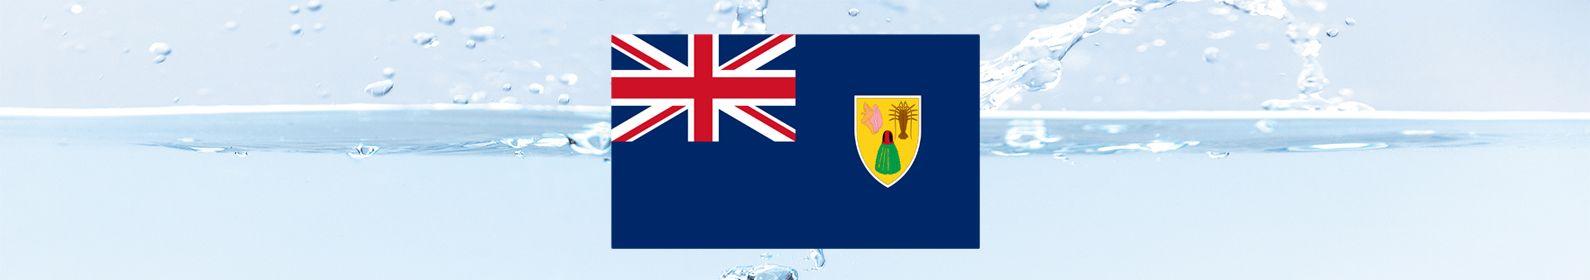 tratamento-de-agua-ilhas-turcas-e-caicos.jpg